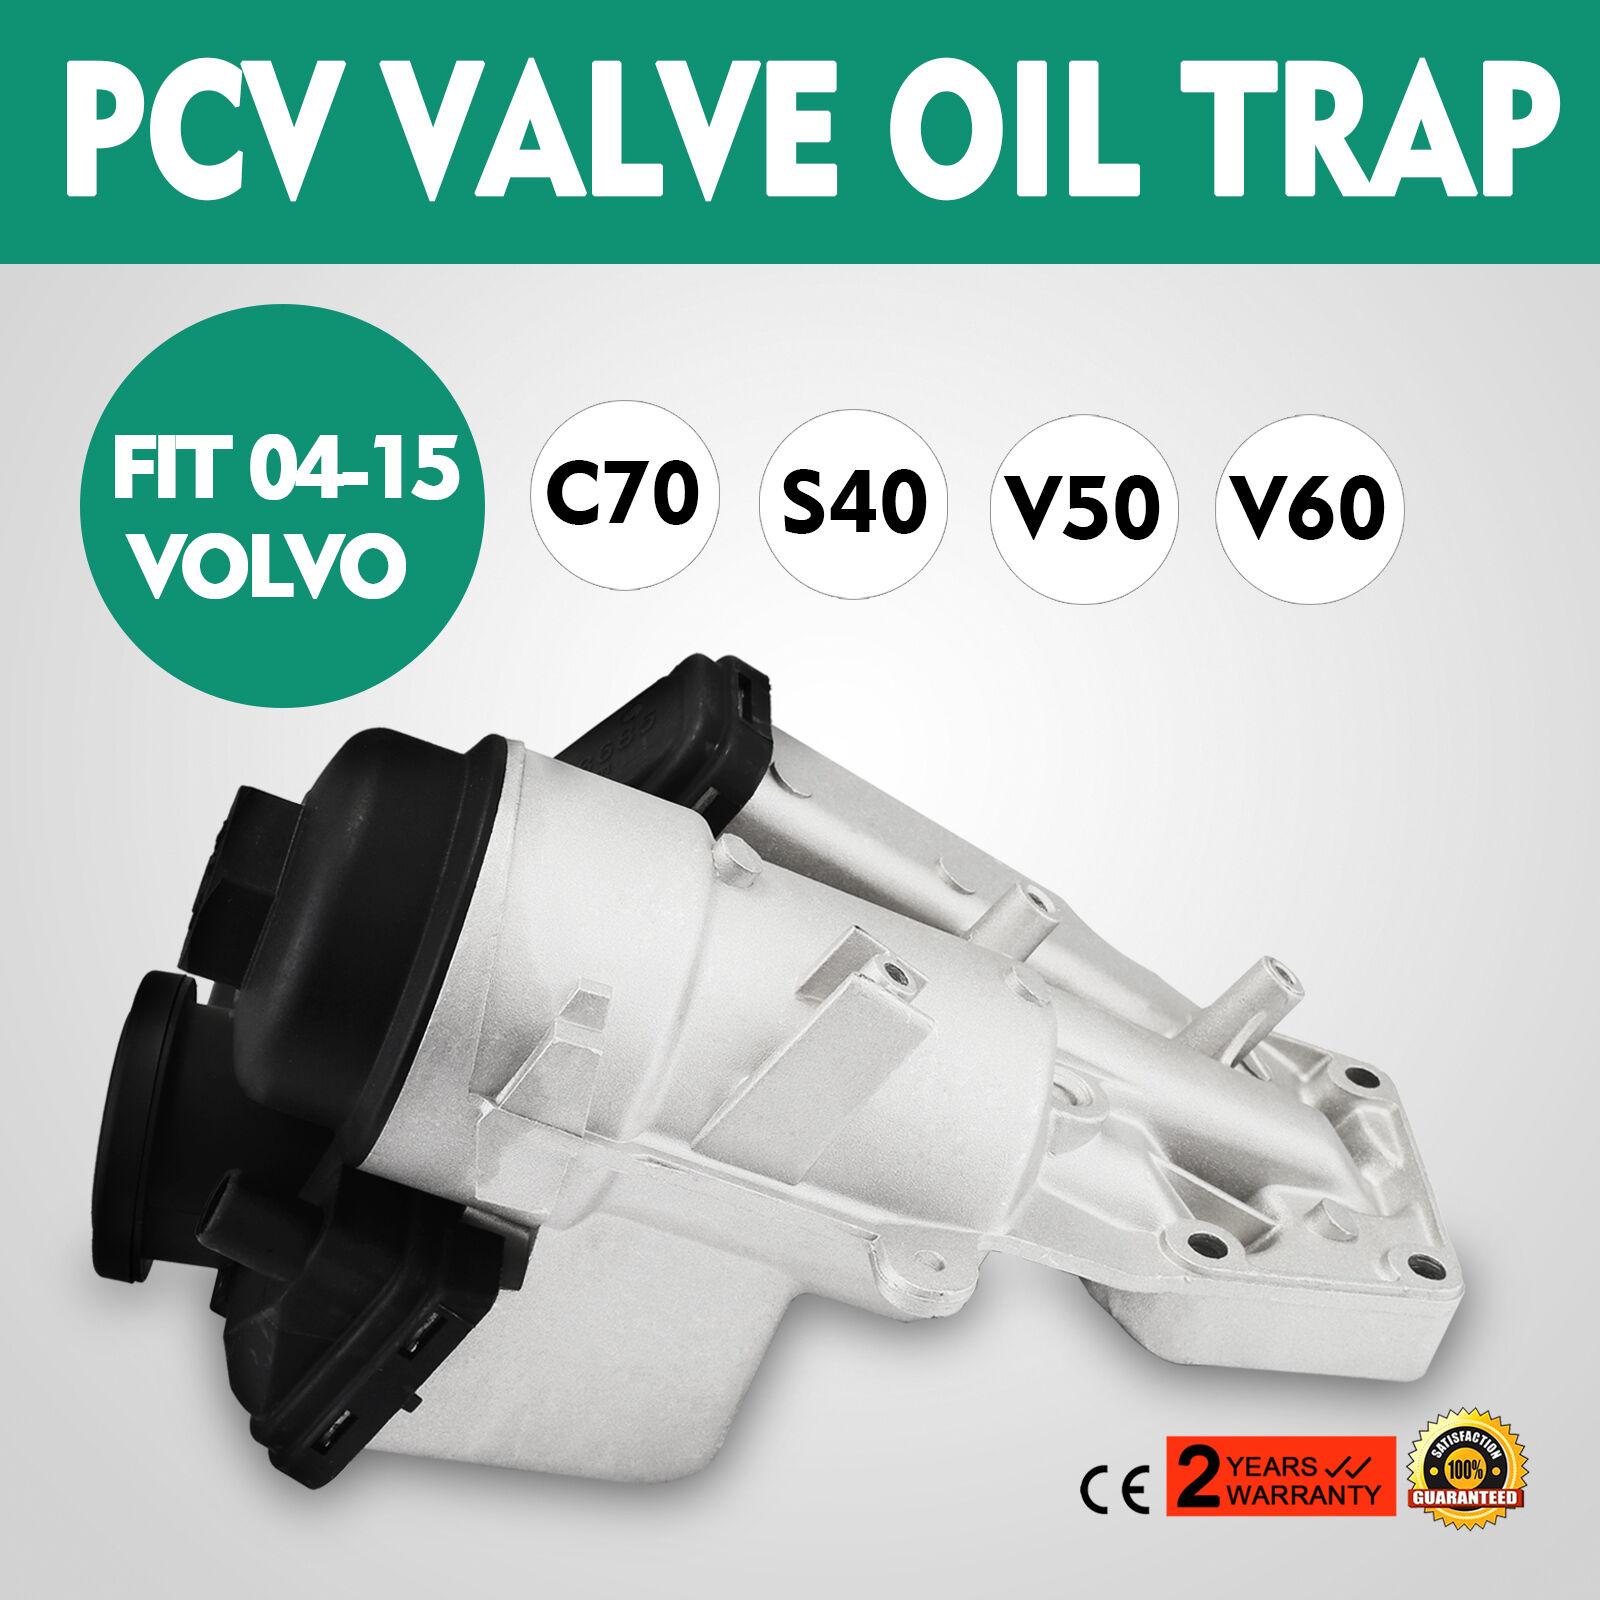 PCV Valve Oil Trap Oil Filter Housing 31338685 For 2004-15 Volvo New